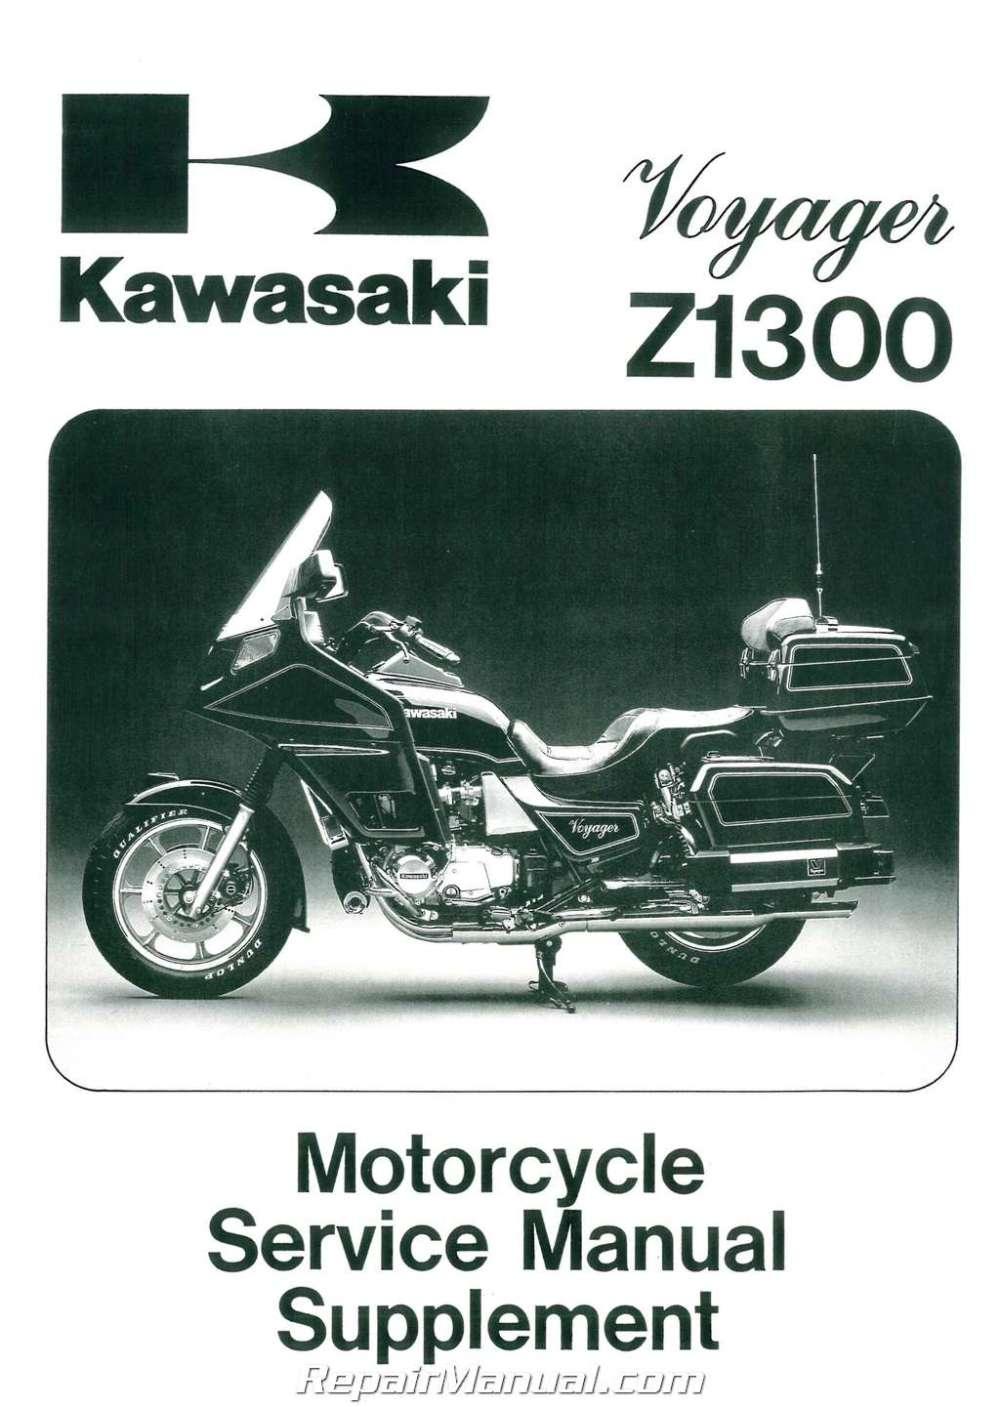 medium resolution of 1983 1989 kawasaki voyager zn1300 motorcycle service manual supplement